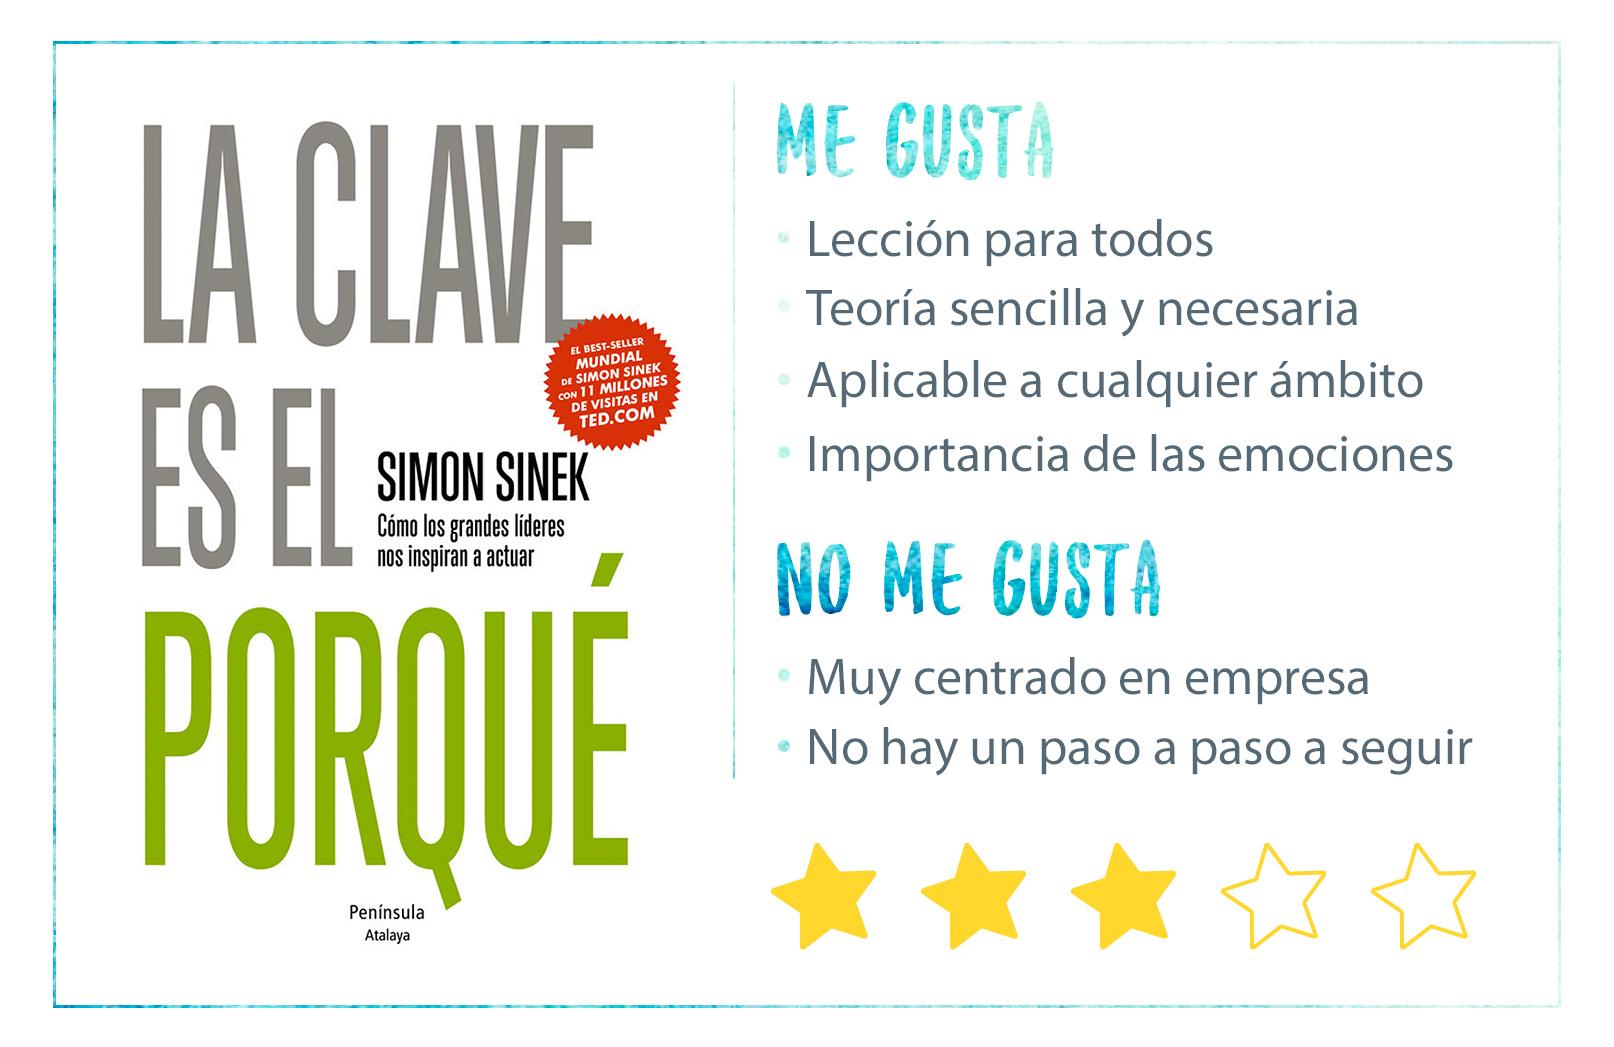 Reseña La Clave es el Porqué de Simon Sinek